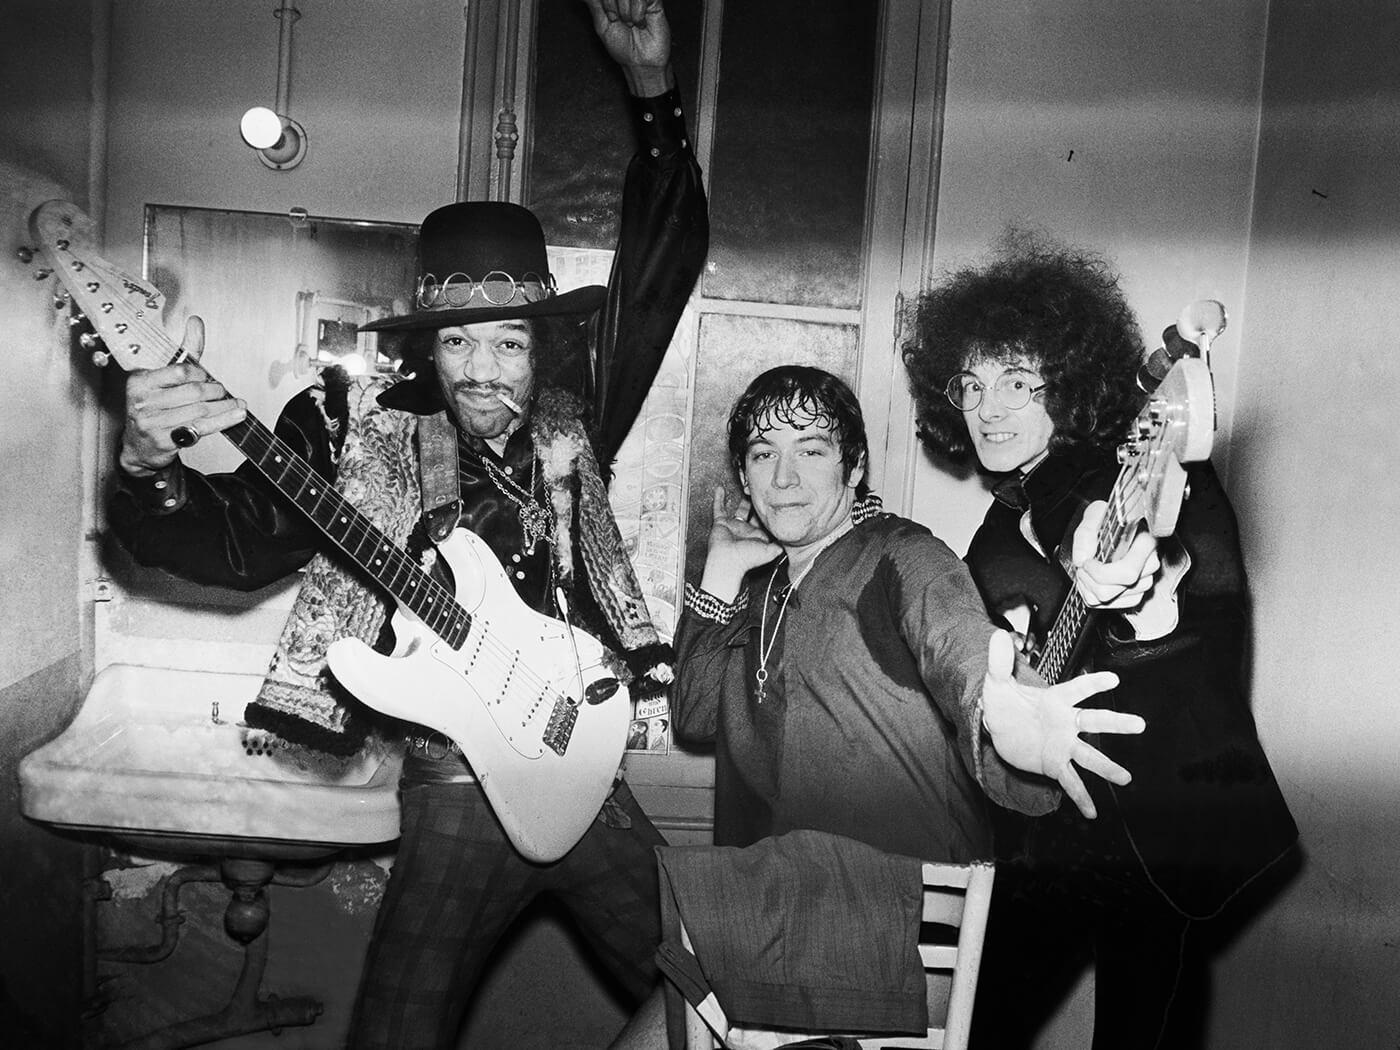 Jimi Hendrix, Eric Burdon and Noel Redding